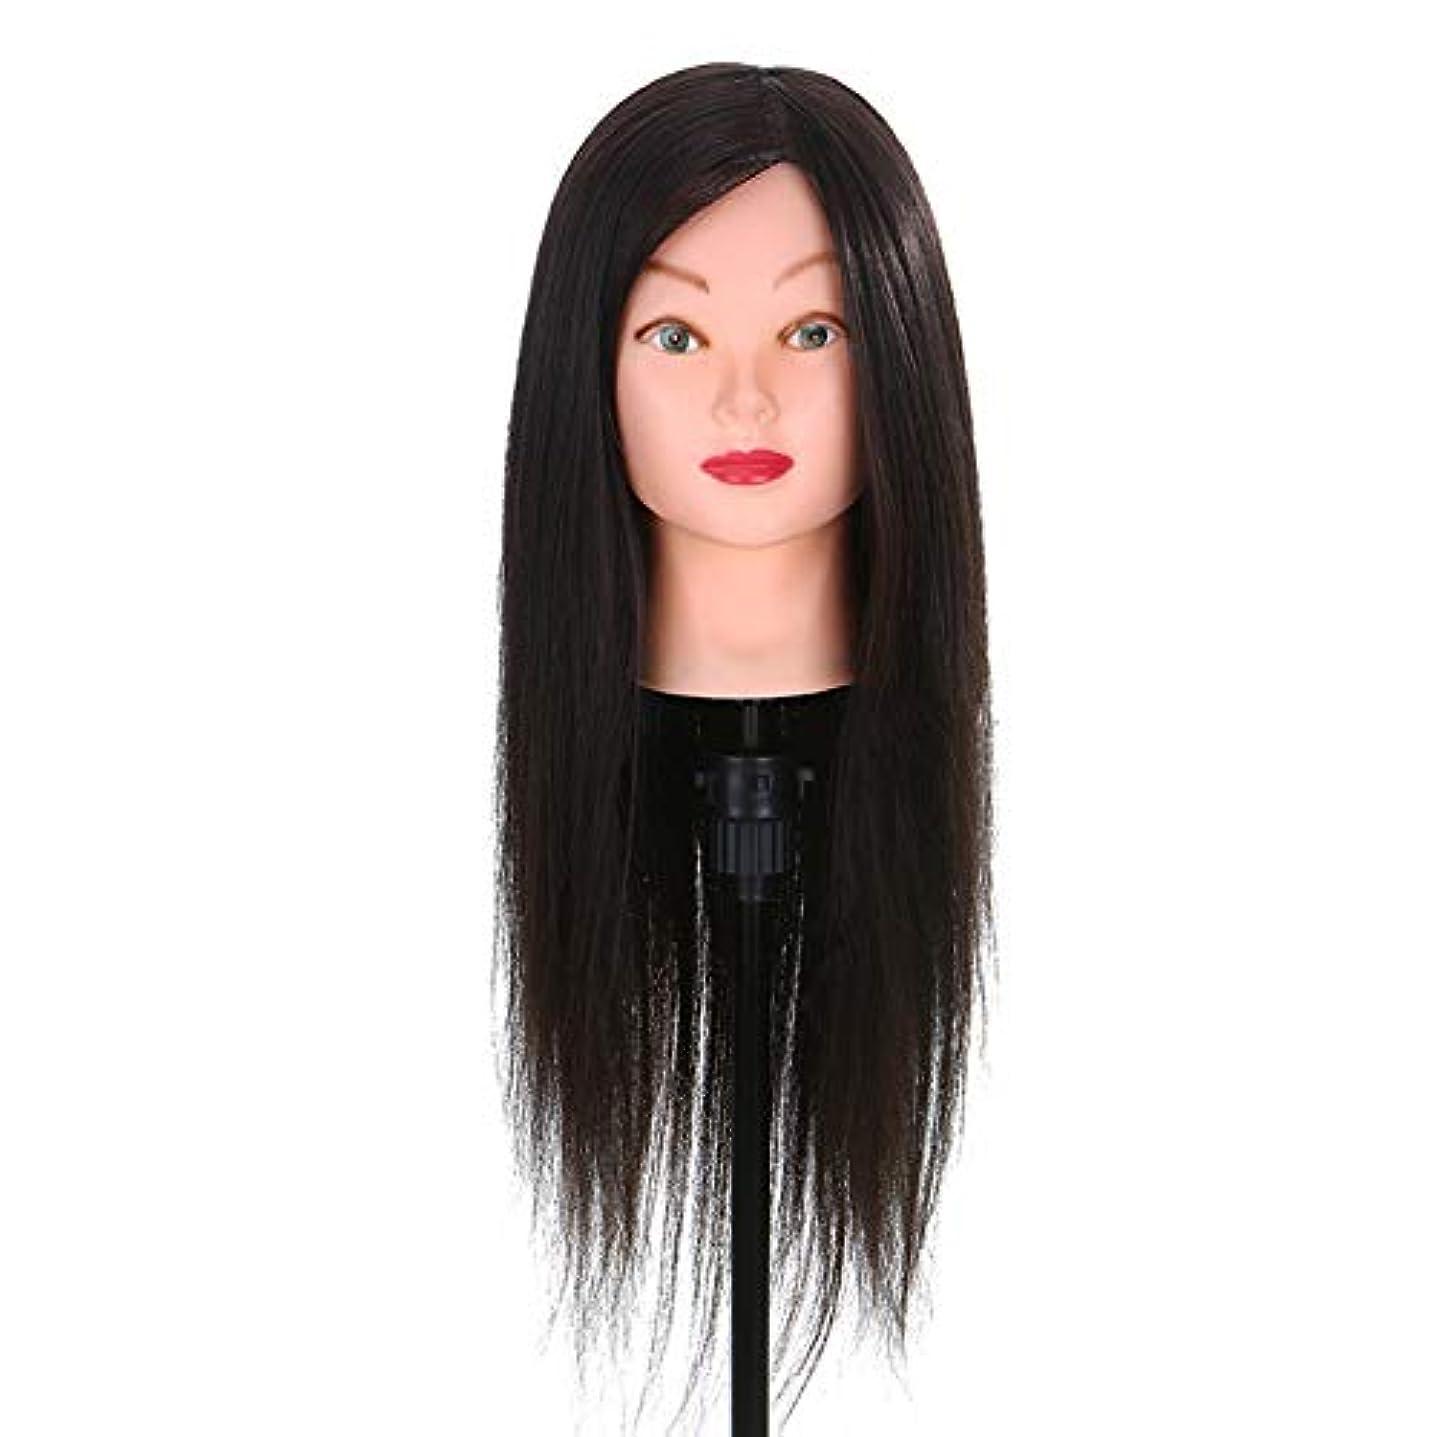 る要求ペパーミント練習ディスク髪編組ヘアモデル理髪店スクールティーチングヘッドロングかつら美容マネキンヘッドブラケット